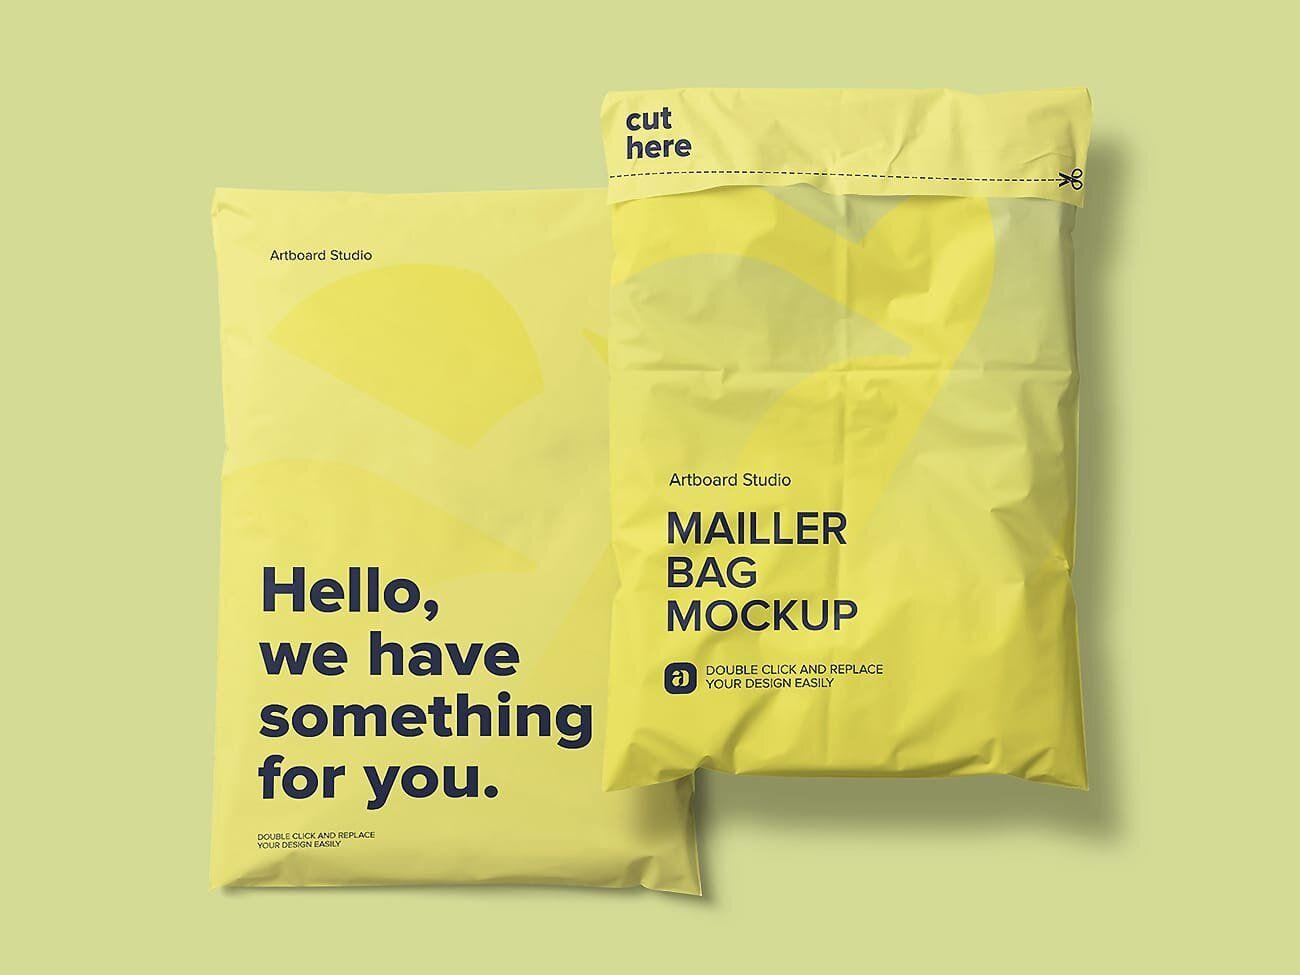 Download Online Mockup Templates Bag Mockup Mailer Design Templates Mockup Templates